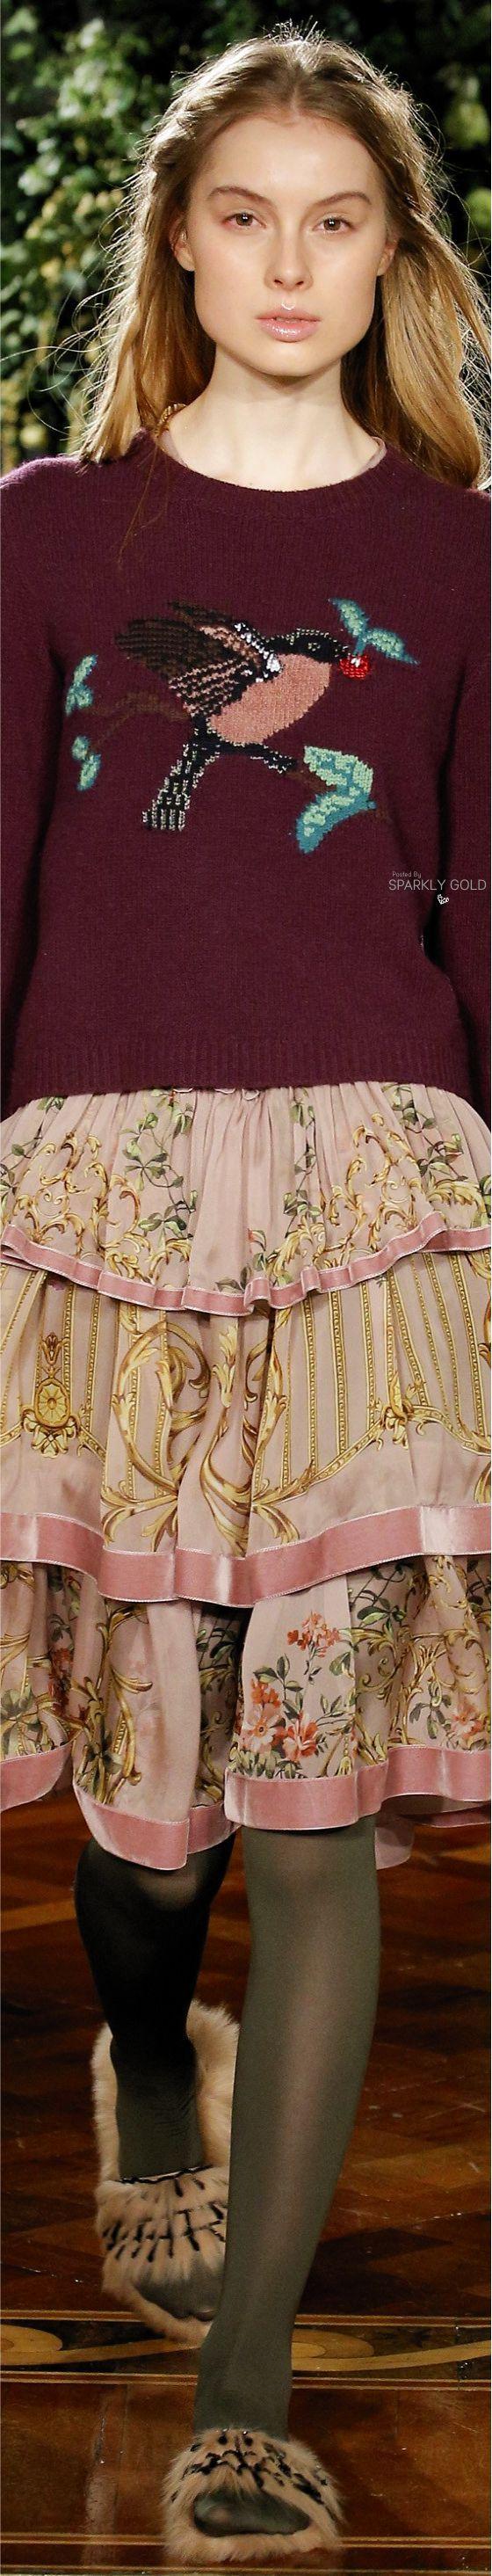 Alberta Ferretti Pre F-17: bird sweater, ruffled skirt, tights.